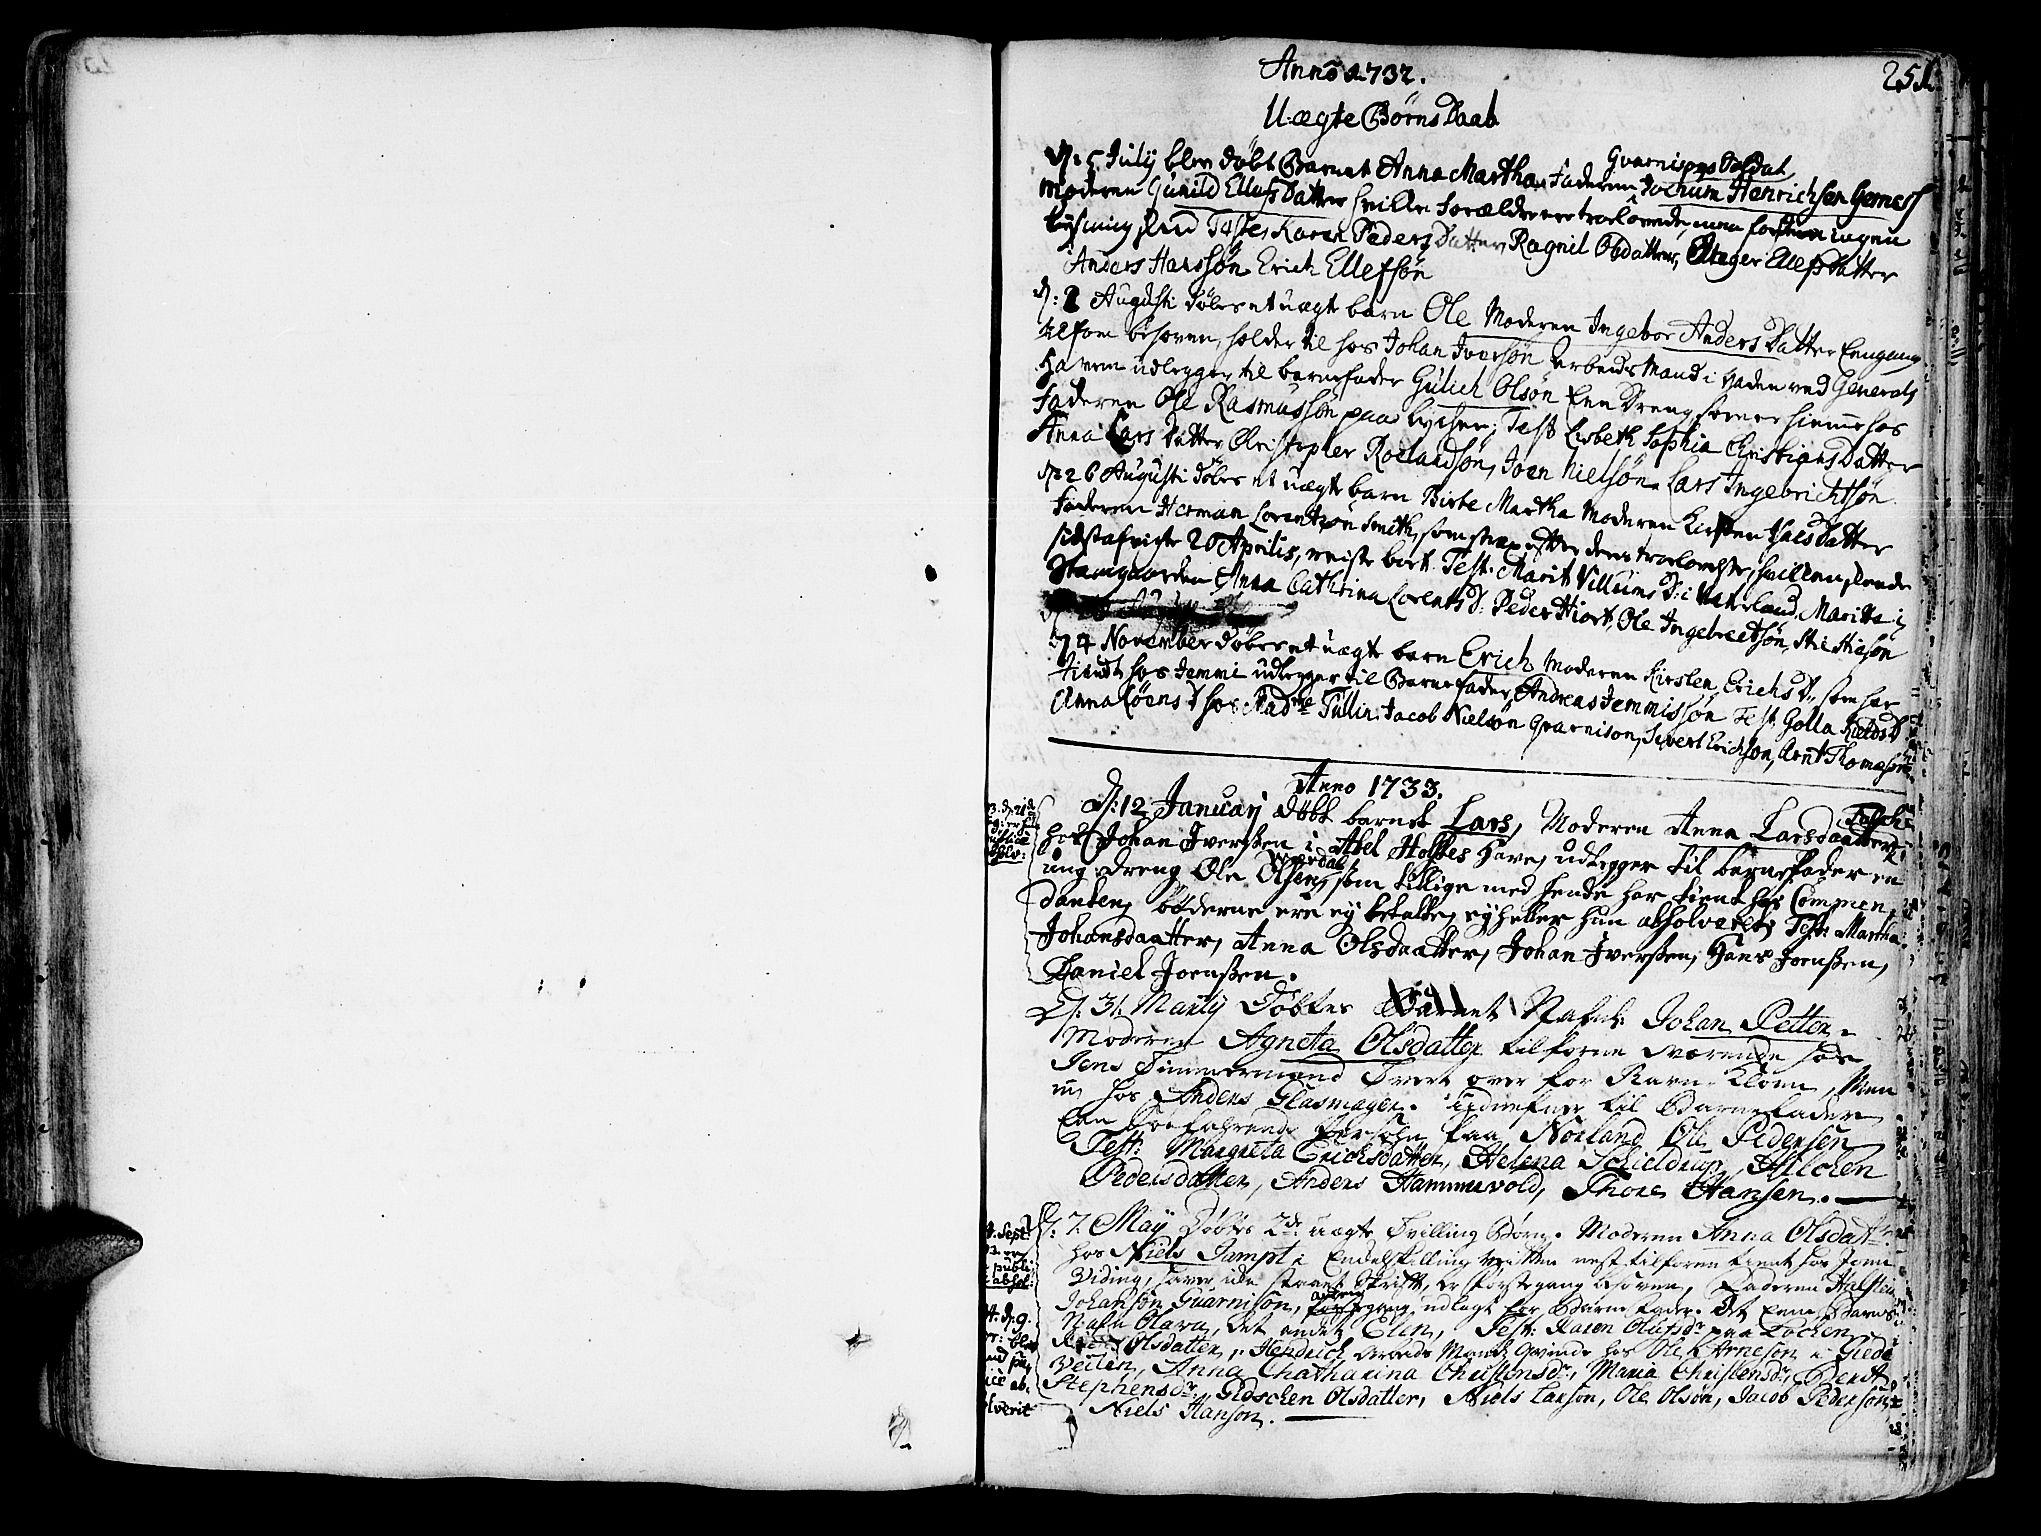 SAT, Ministerialprotokoller, klokkerbøker og fødselsregistre - Sør-Trøndelag, 602/L0103: Ministerialbok nr. 602A01, 1732-1774, s. 251